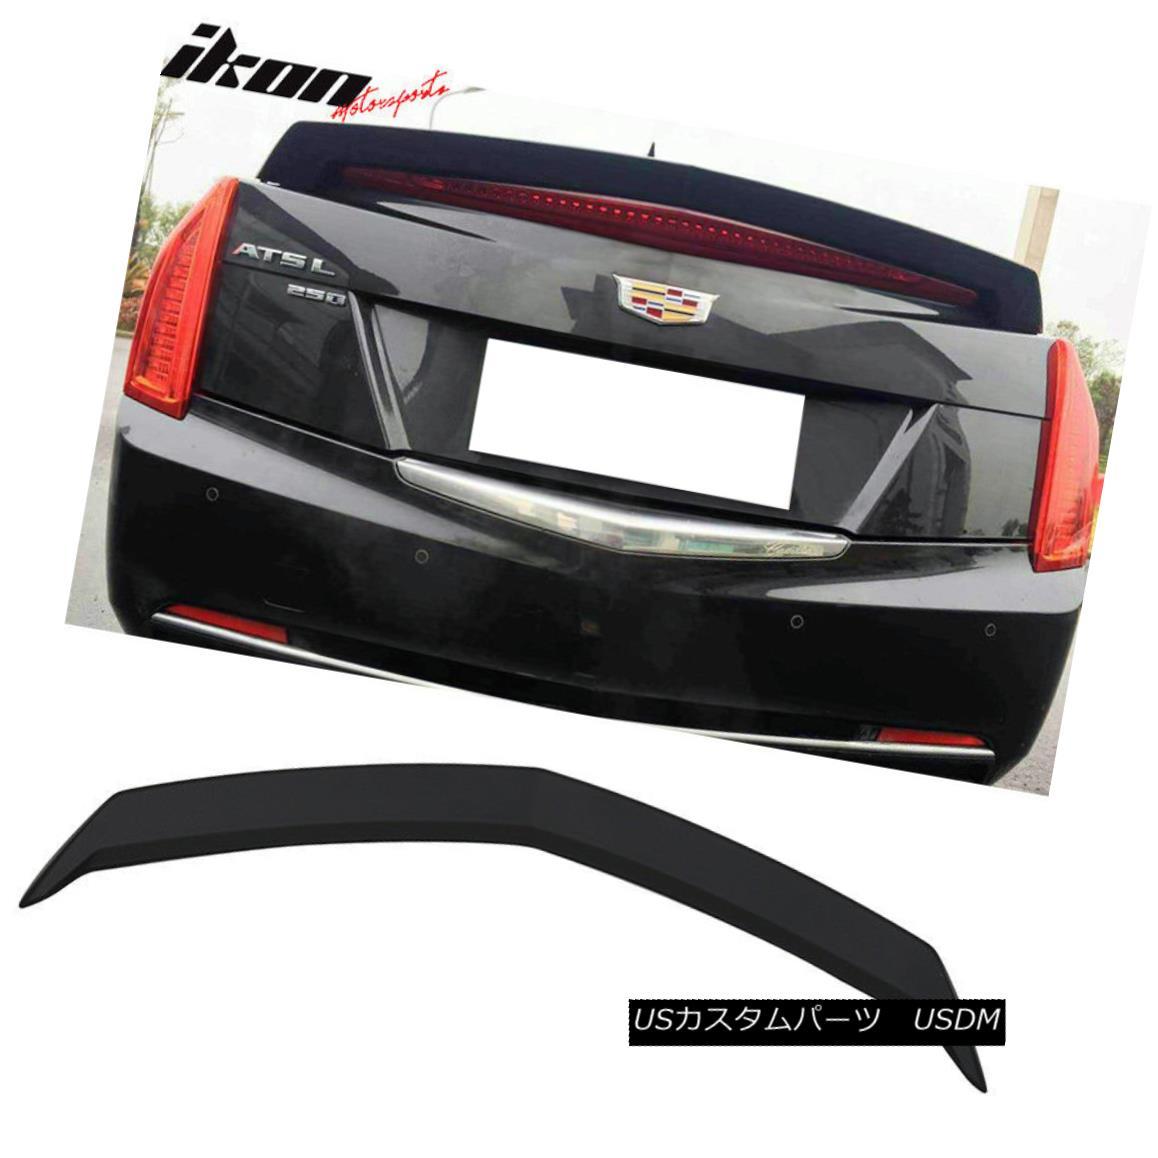 エアロパーツ Fits 13-18 Cadillac ATS Sedan V Style Trunk Spoiler Black ABS フィット13-18キャデラックATSセダンVスタイルトランクスポイラーブラックABS